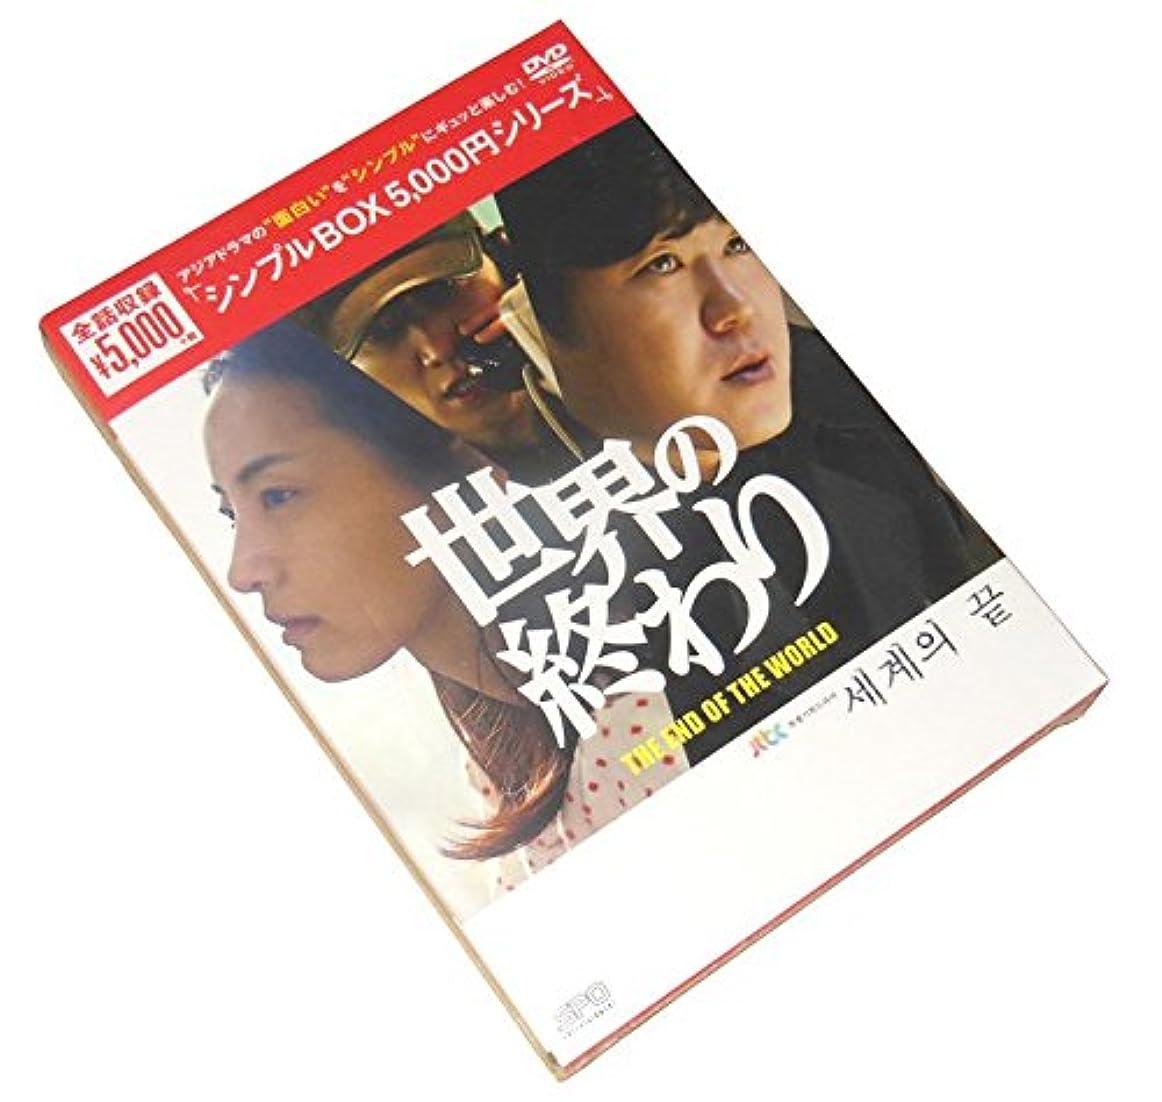 クール微妙適格世界の終わり BOX 2014 主演: ユン?ジェムン